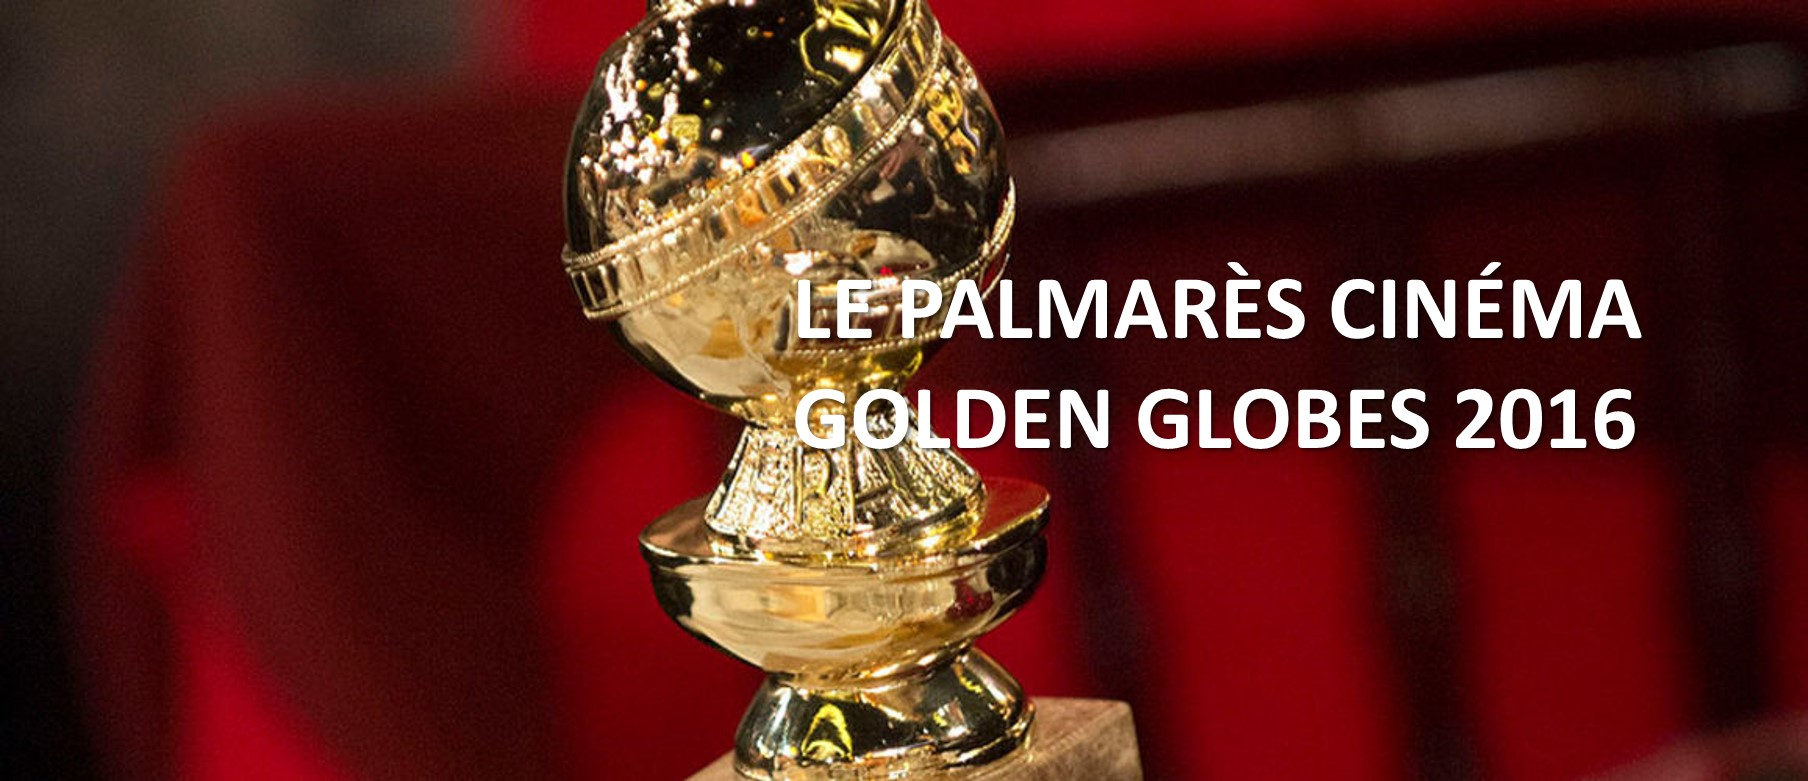 GOLDEN GLOBES 2016 - Trophées avec titre 3